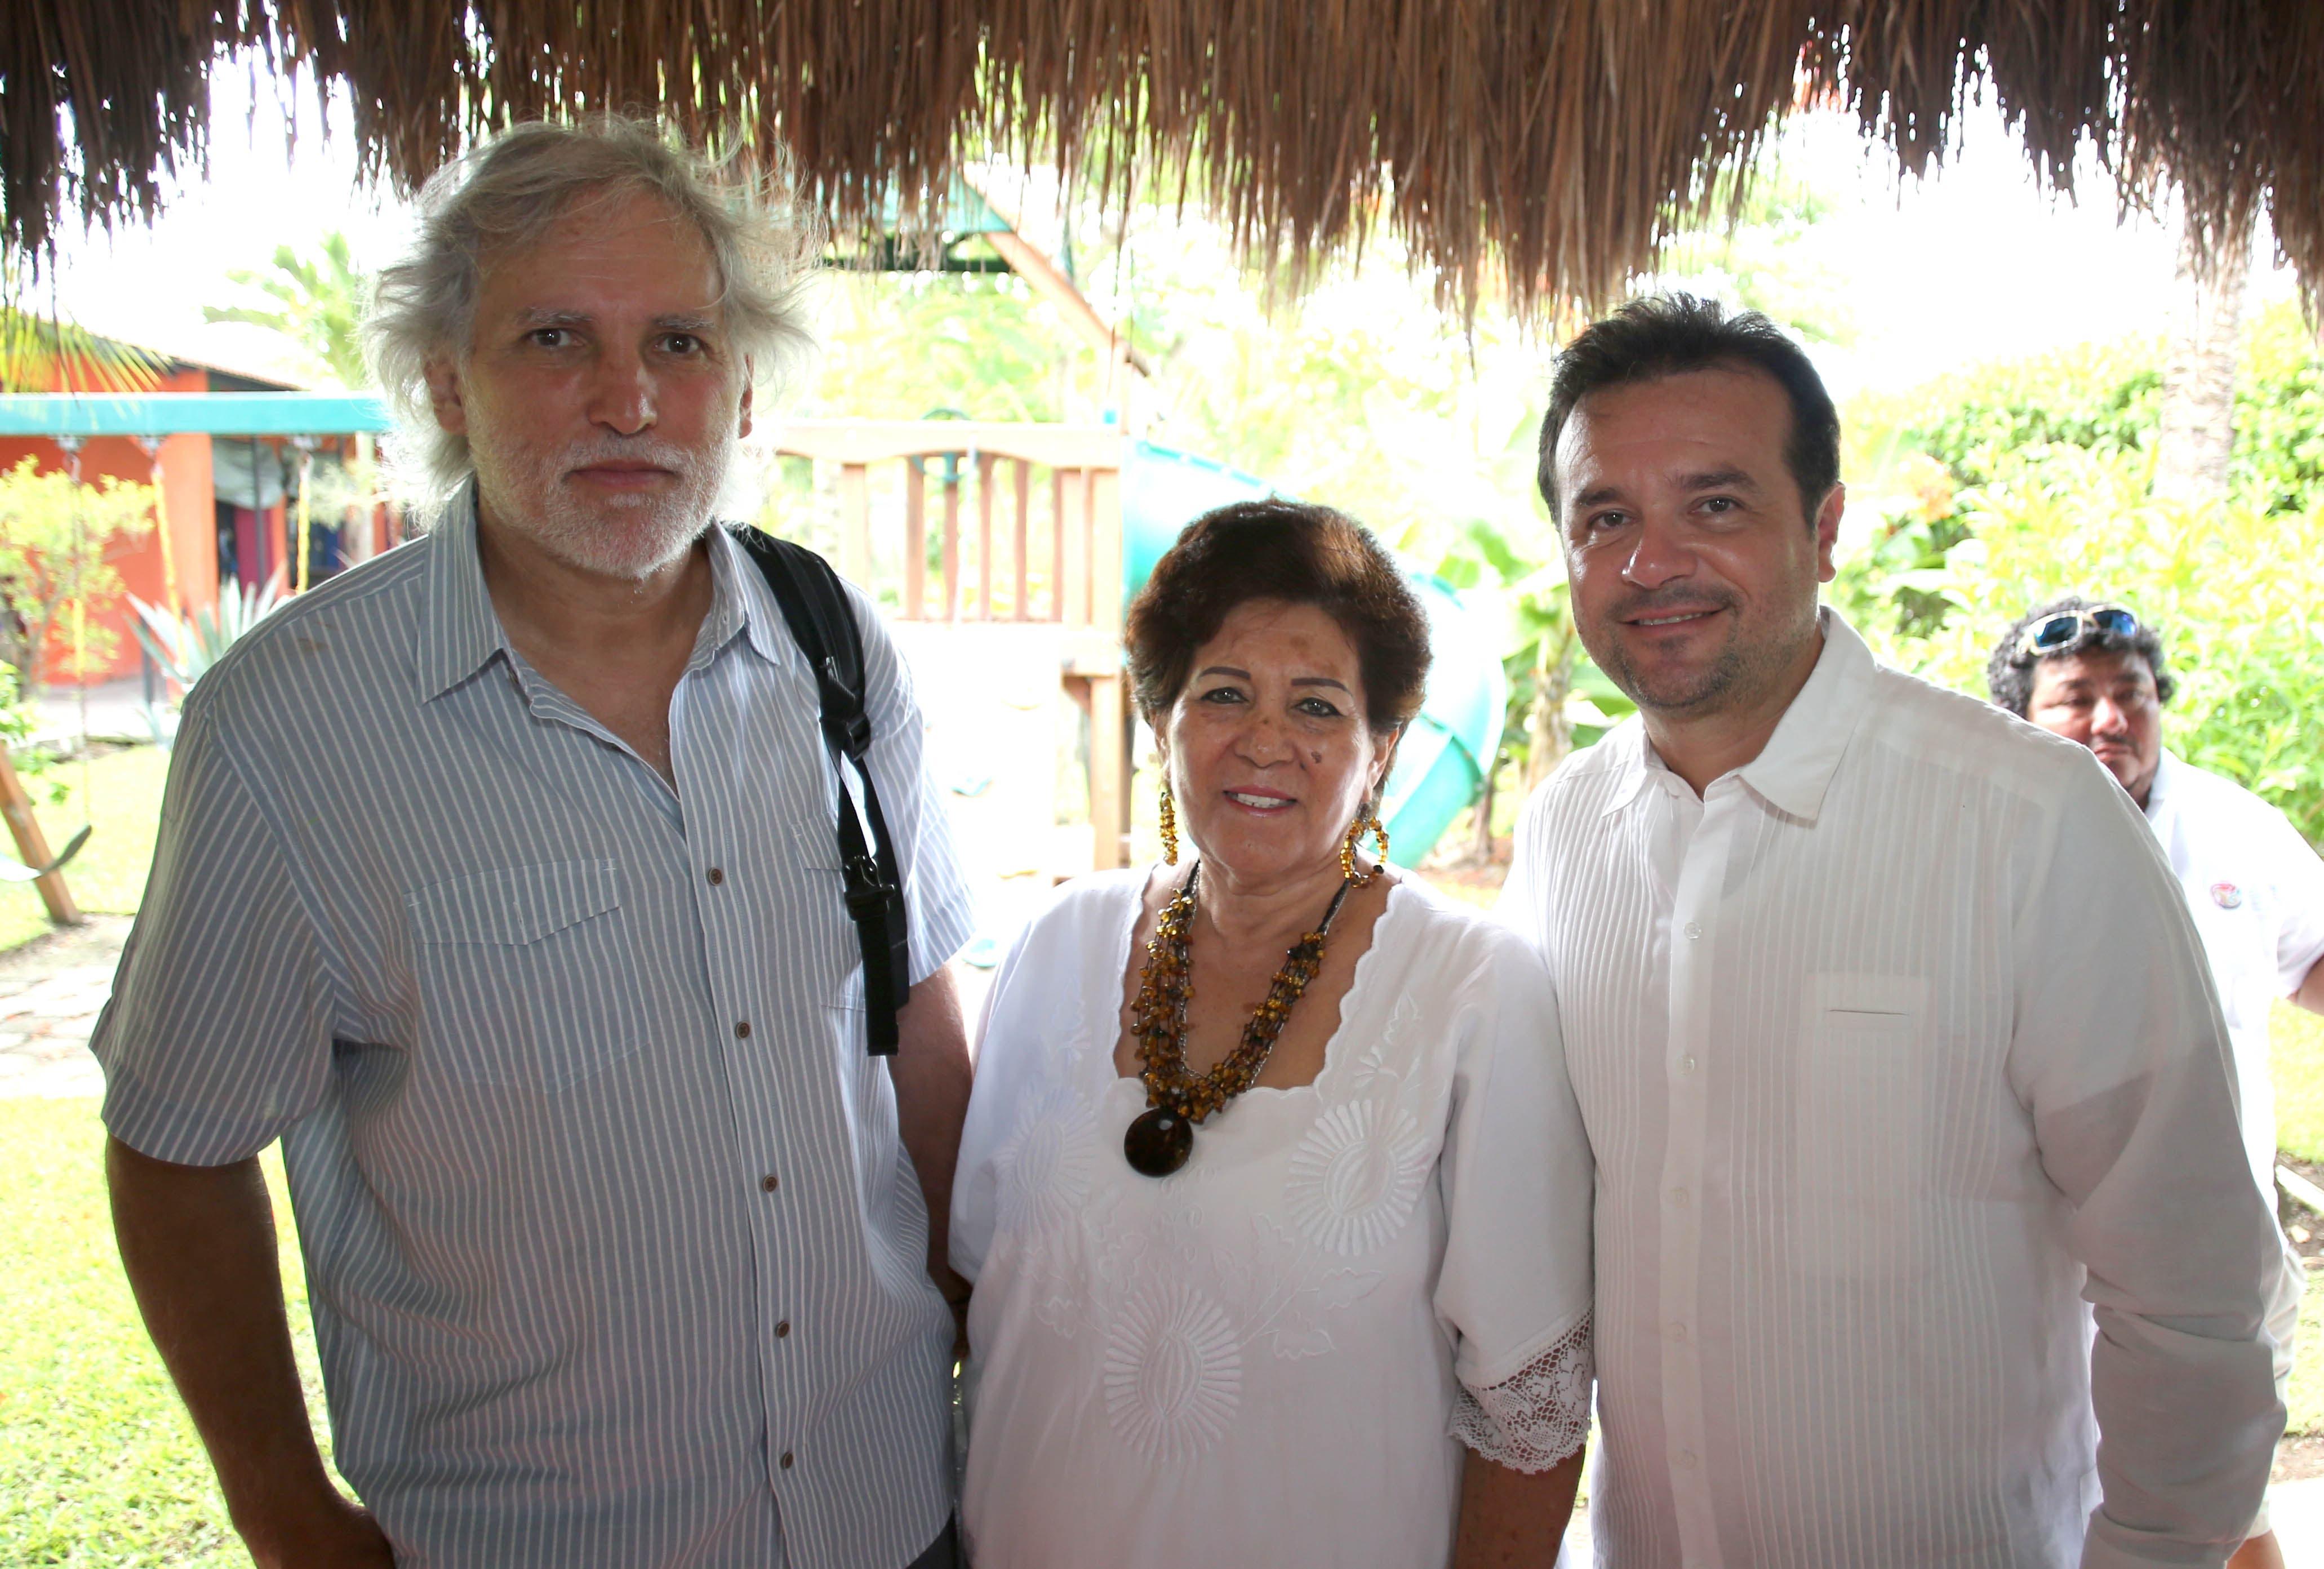 Aún estamos a tiempo para actuar juntos a favor del medio ambiente: Pedro Joaquín